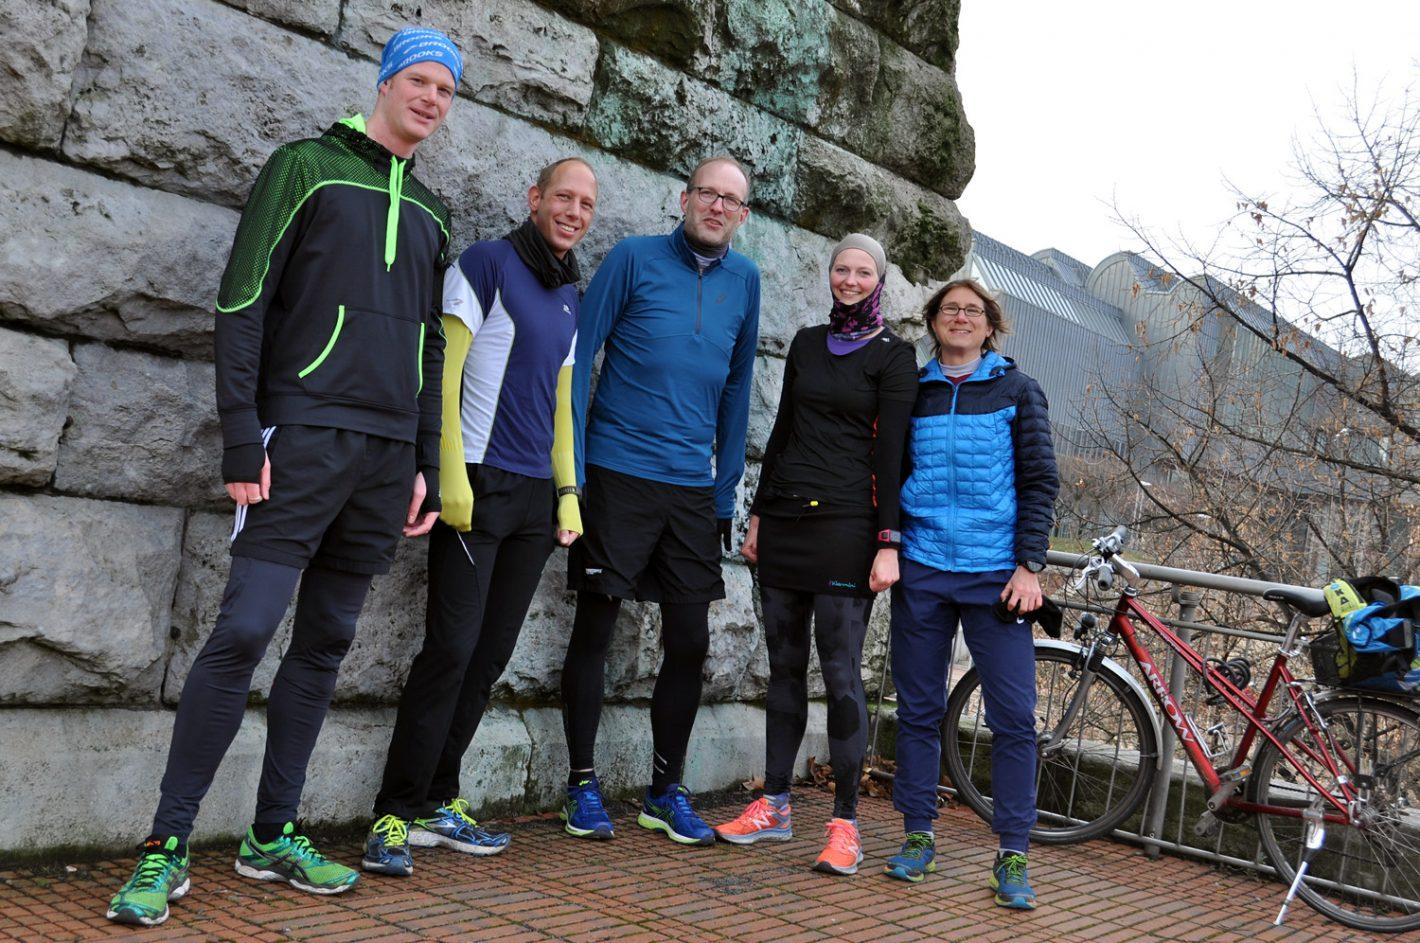 Fünf Läufer in Sportkleidung